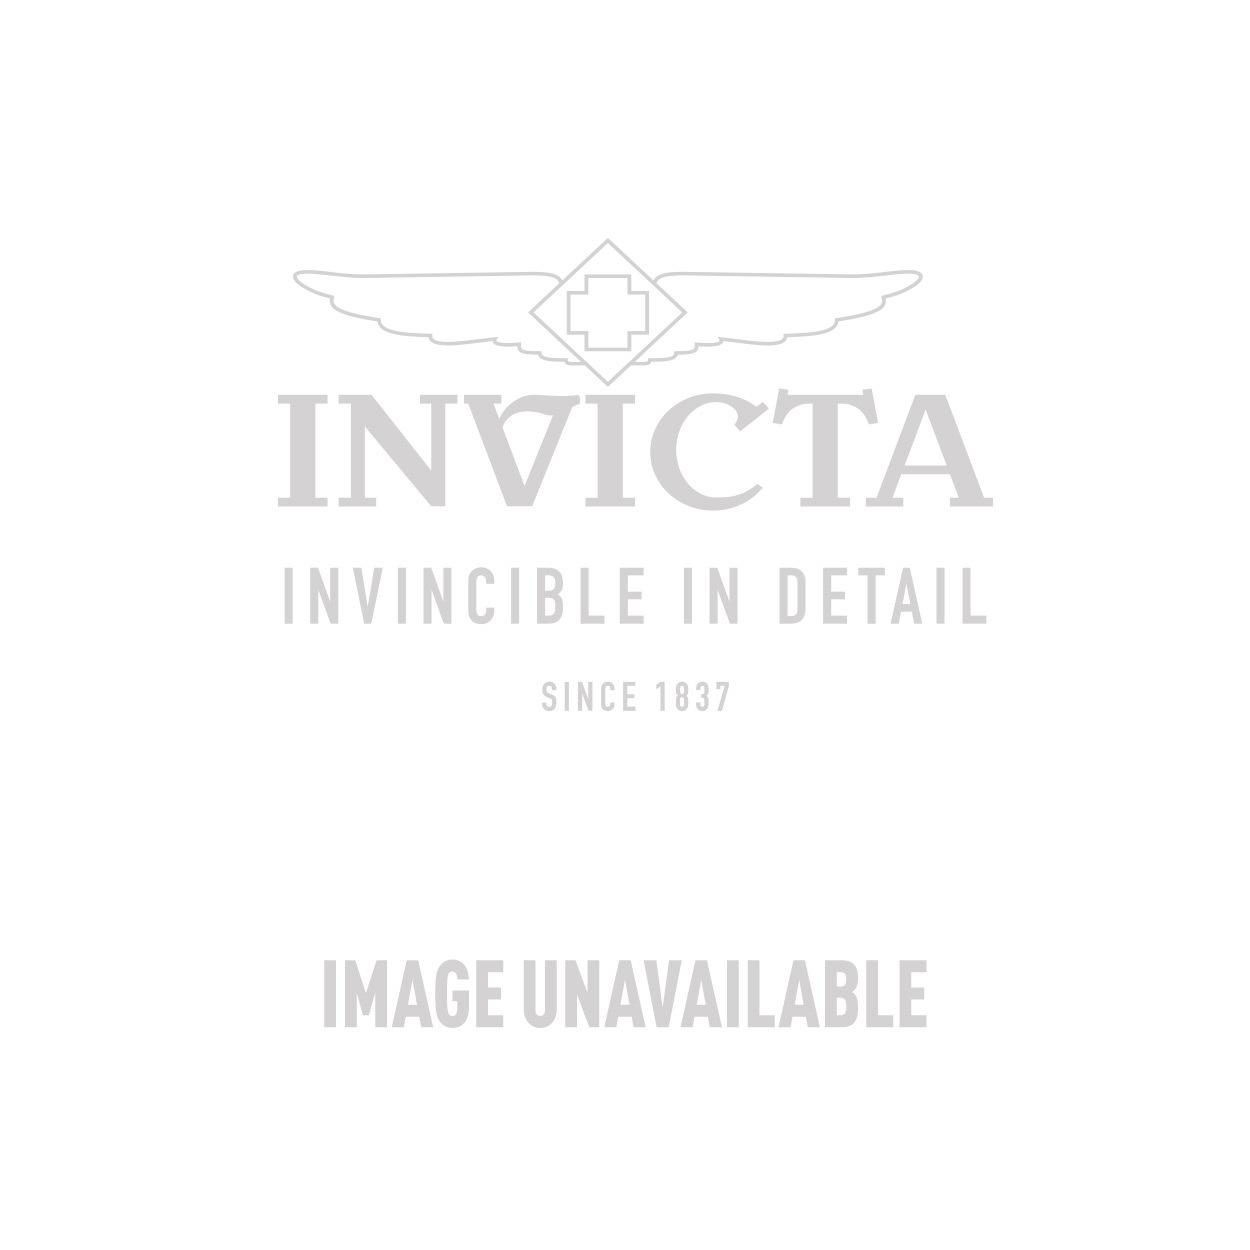 Invicta Model 29136